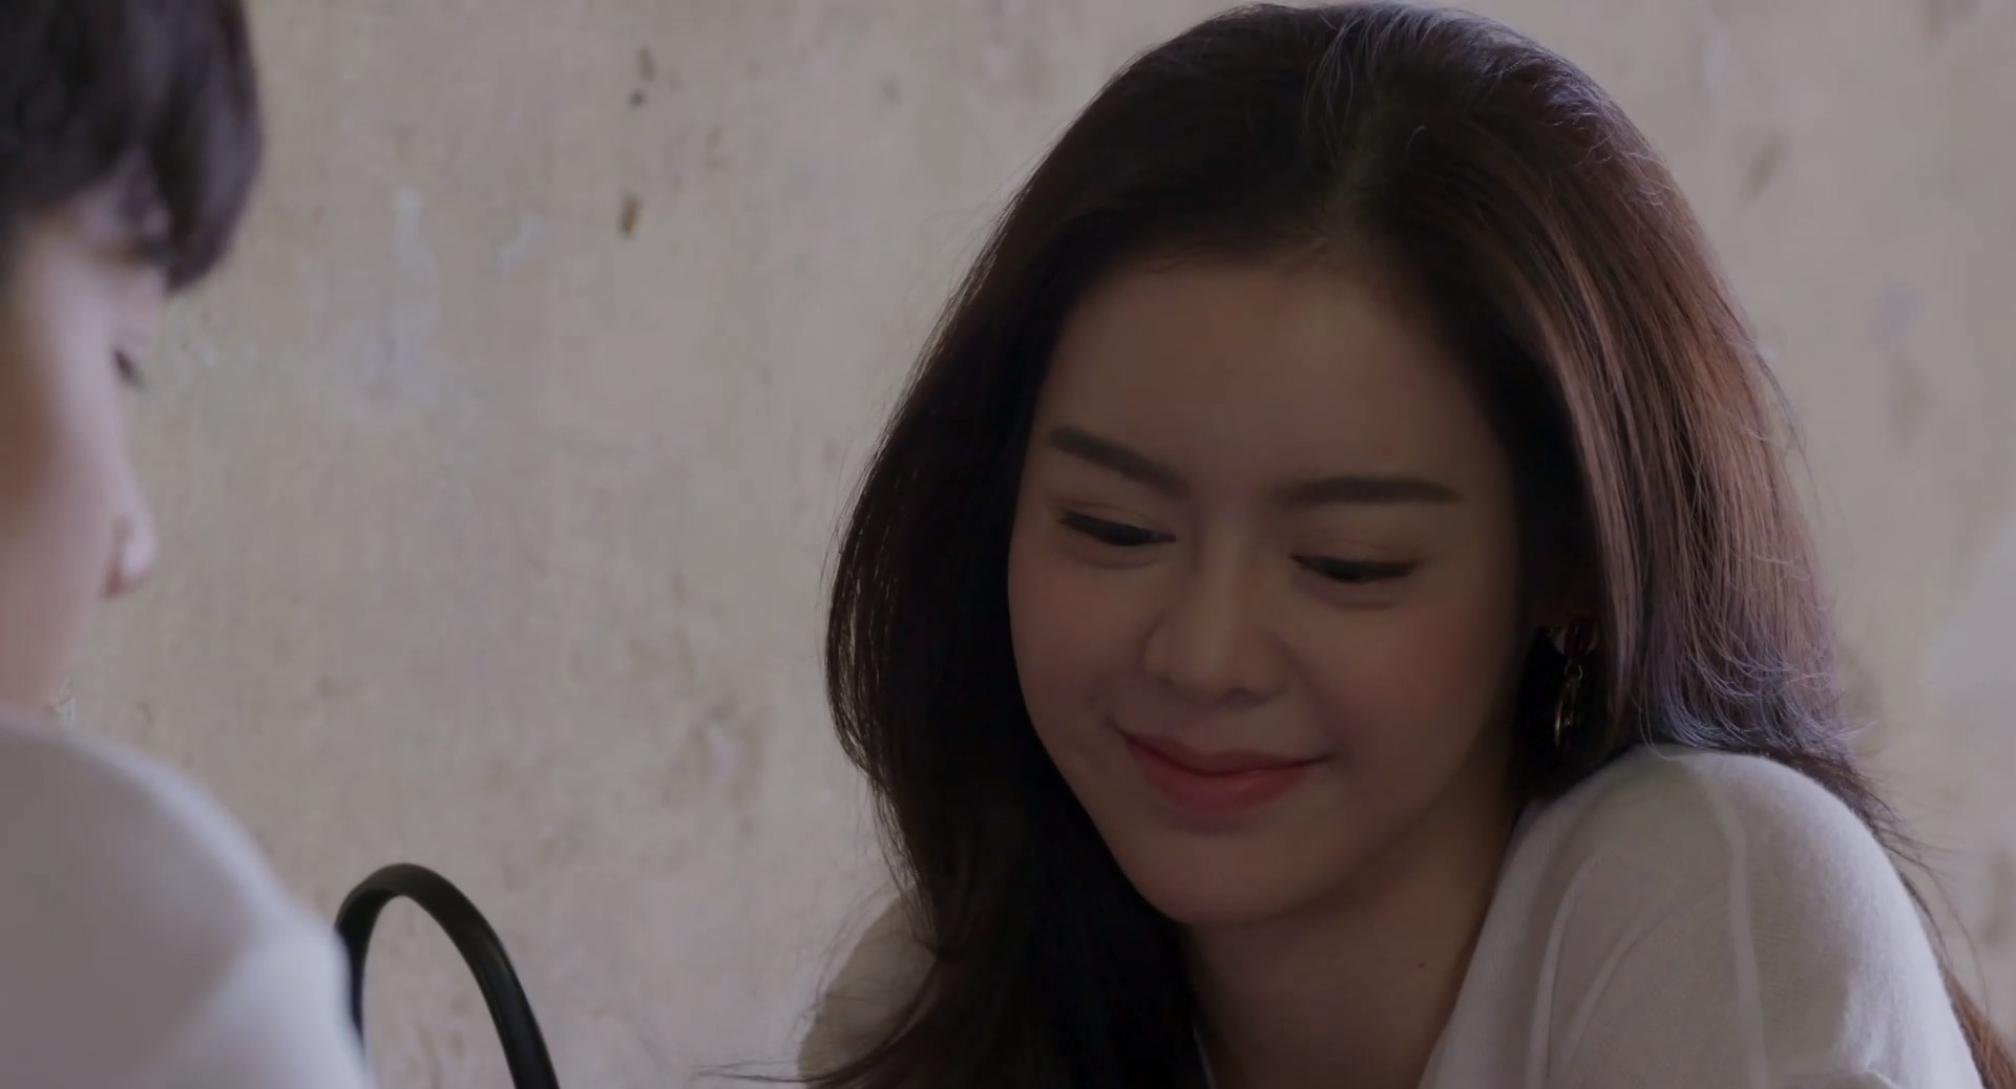 女人30正美麗 第7集 - 浪漫愛情劇 - 戲劇線上看 - myVideo | 陪你每一刻